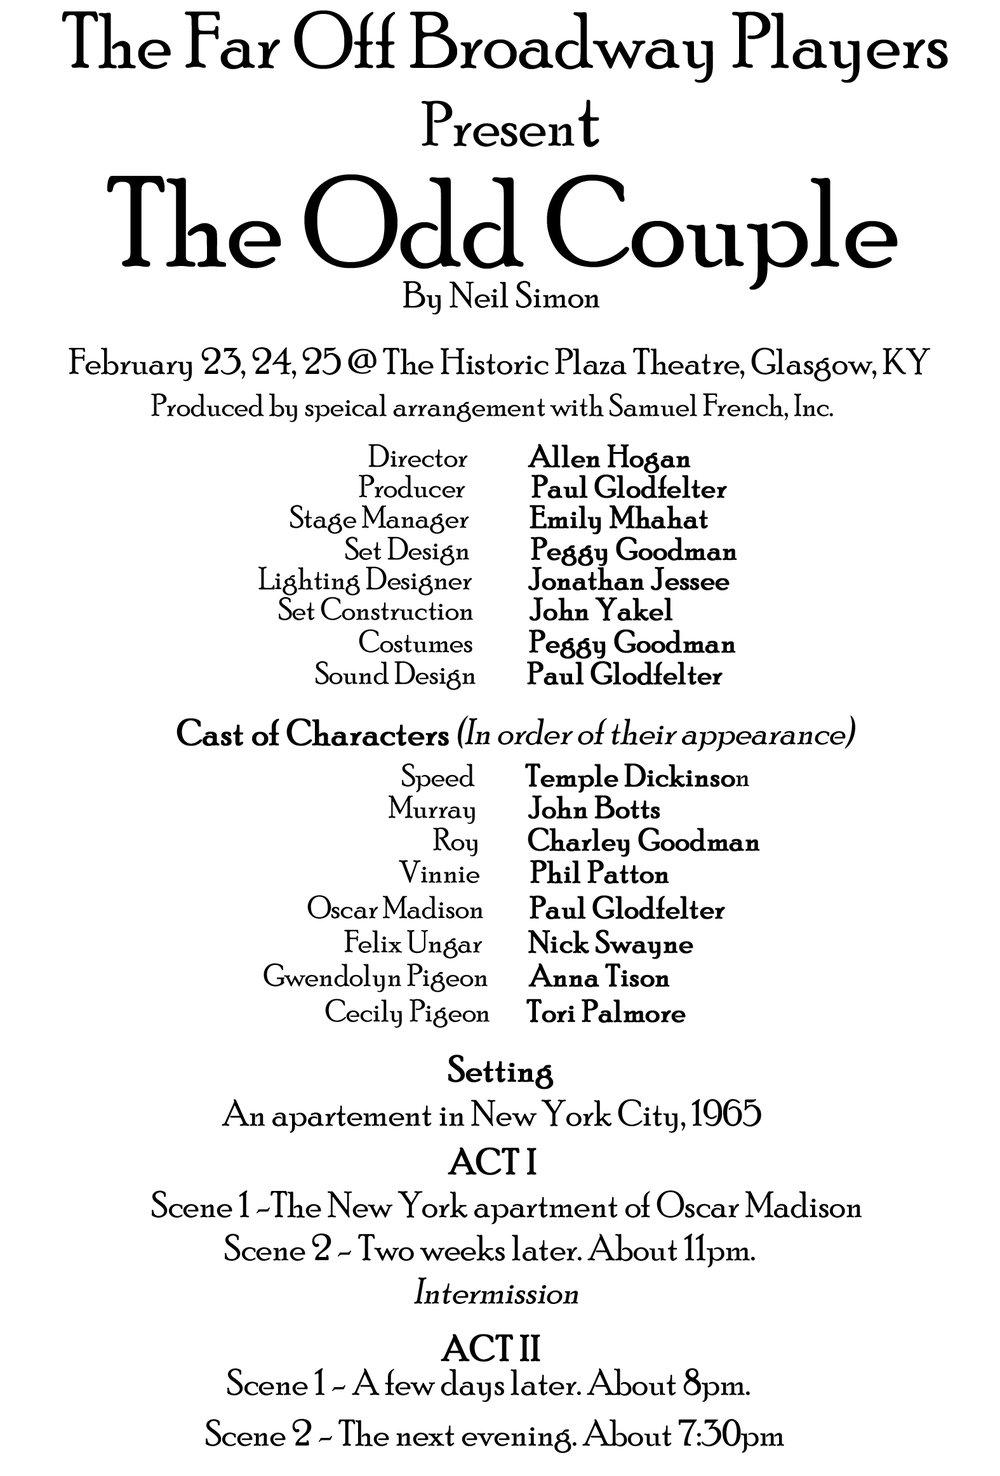 The Odd Couple Program Inside.jpg